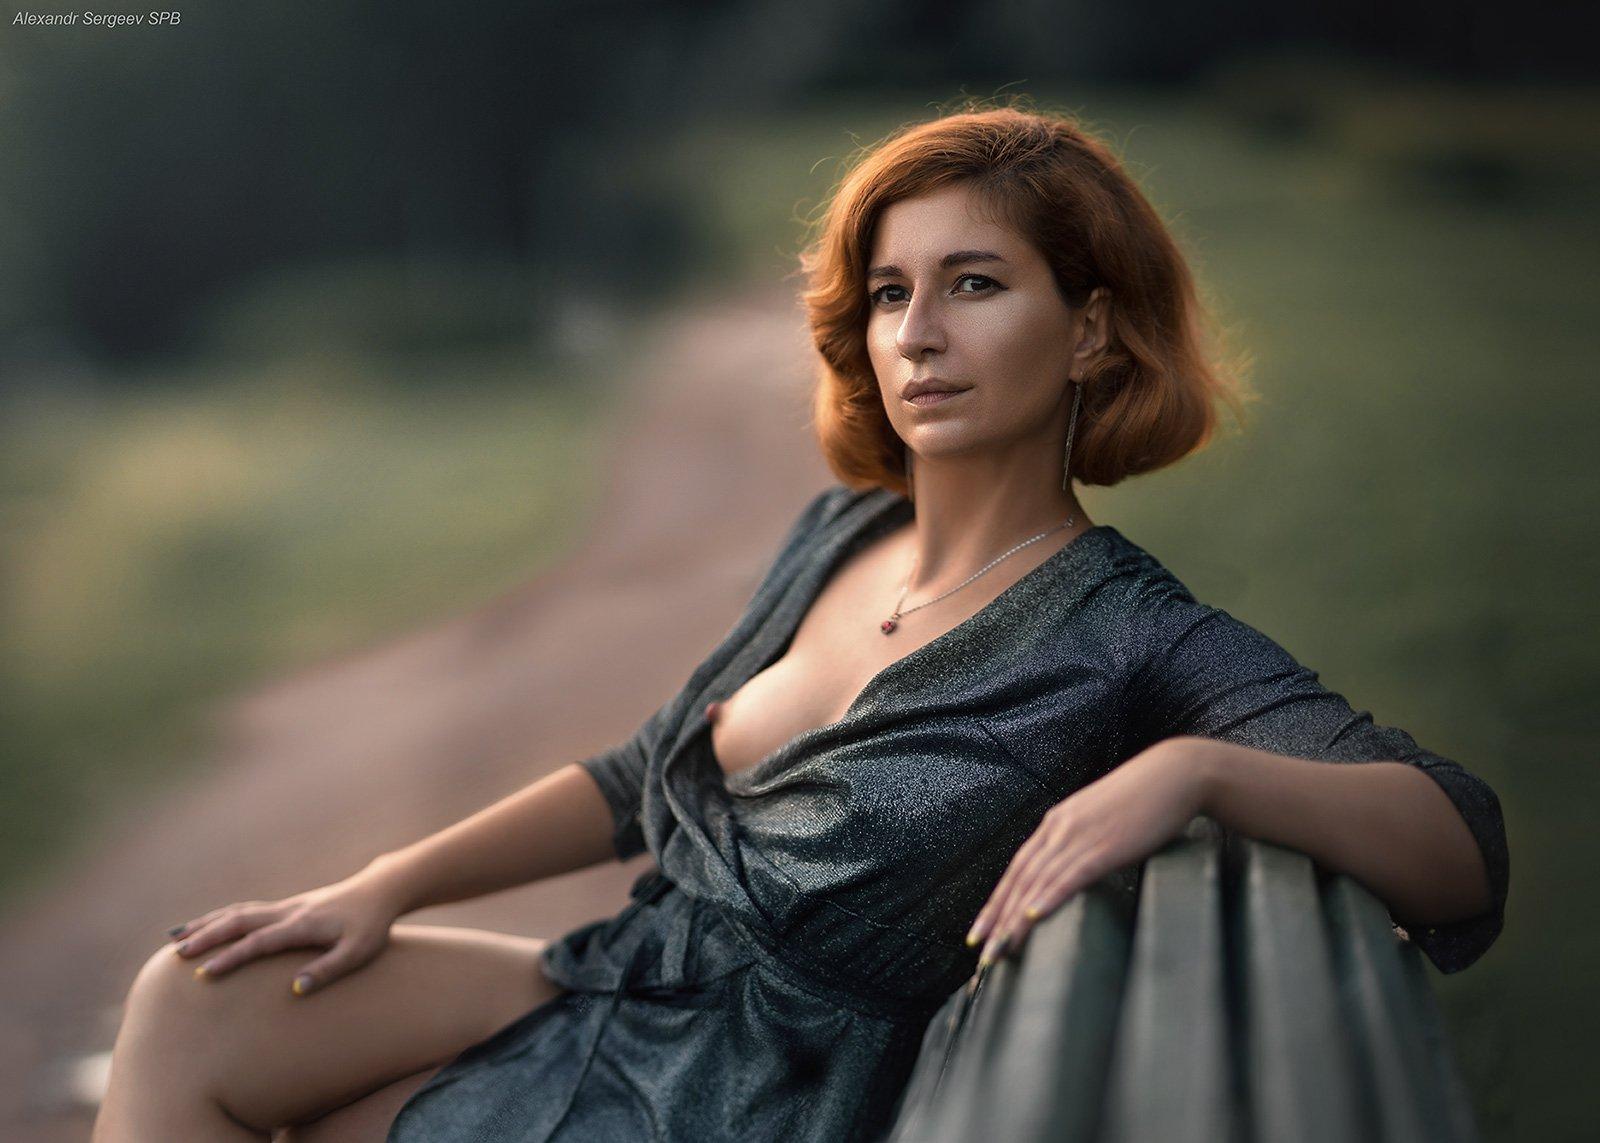 женщина,портрет,обнажённая,грудь,женственность,красота,нежность,гармония,настроение,  Александр